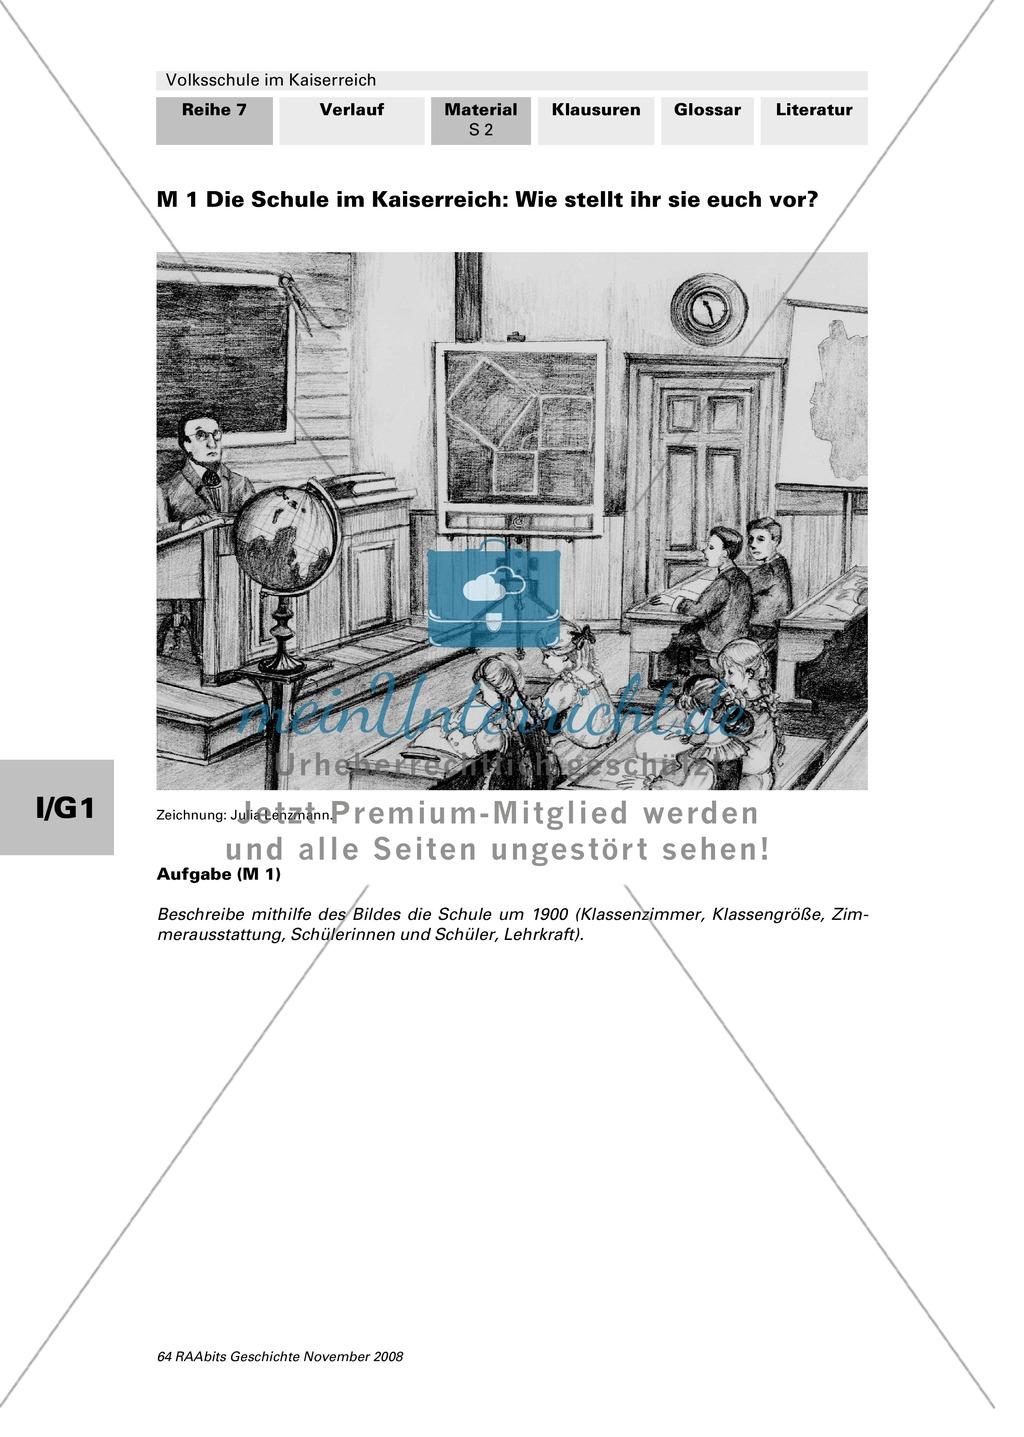 Volksschule im Kaiserreich: Gruppenarbeit zu Aspekten der Volksschule wie Disziplin, Regeln, Strafen, Stundenplan, Lehrerverhalten Preview 0